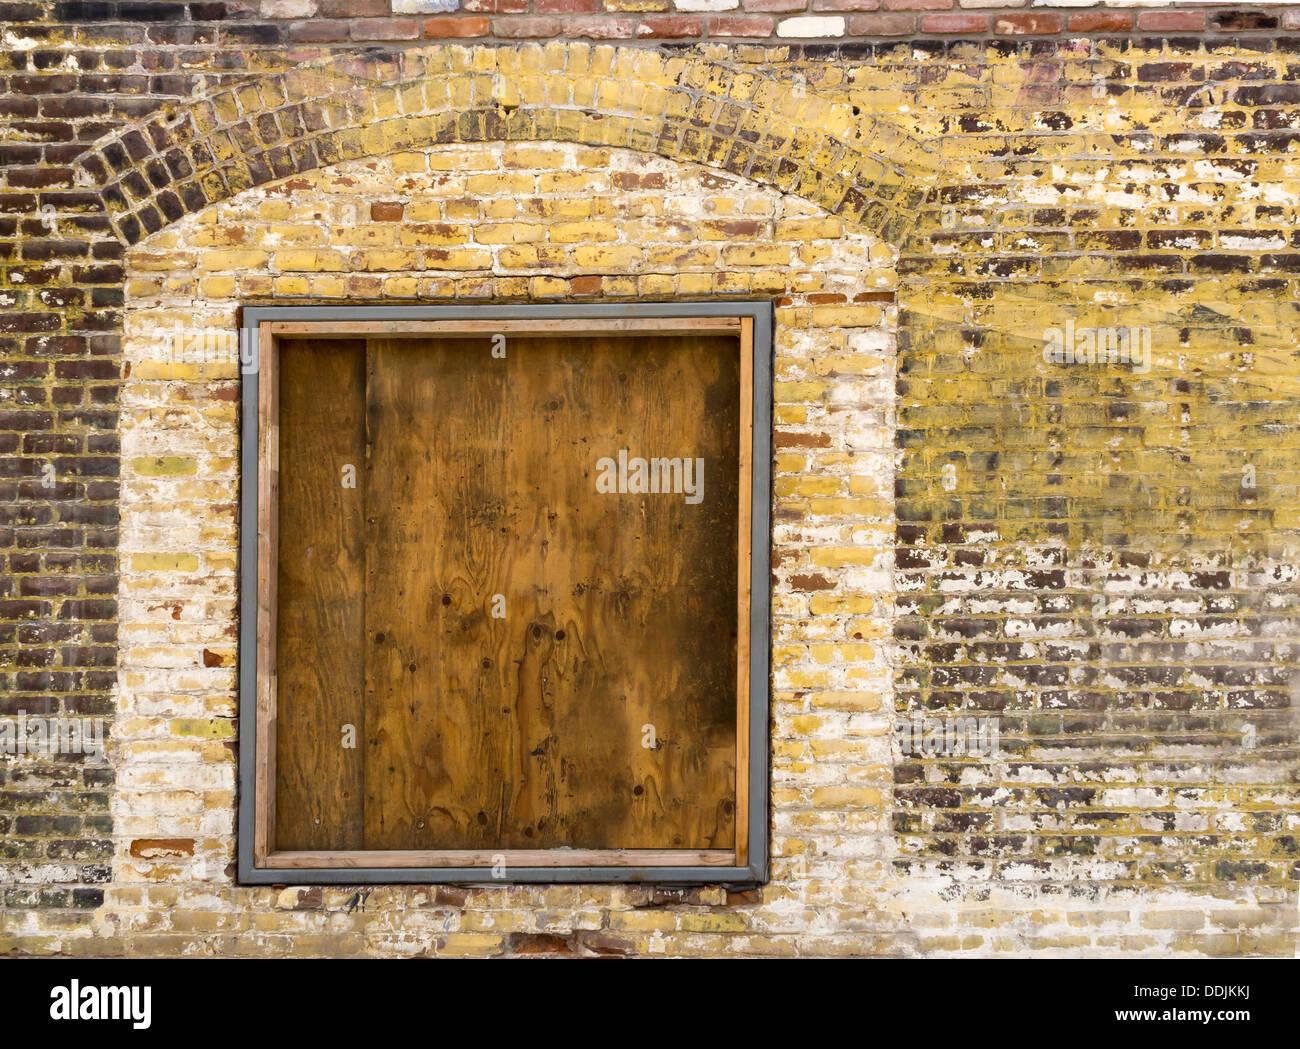 Eine Alte äußere Mauer Mit Einer Alten Brettern Vernagelt Fenster Bereit  Für Ihre Inhalte Stockbild